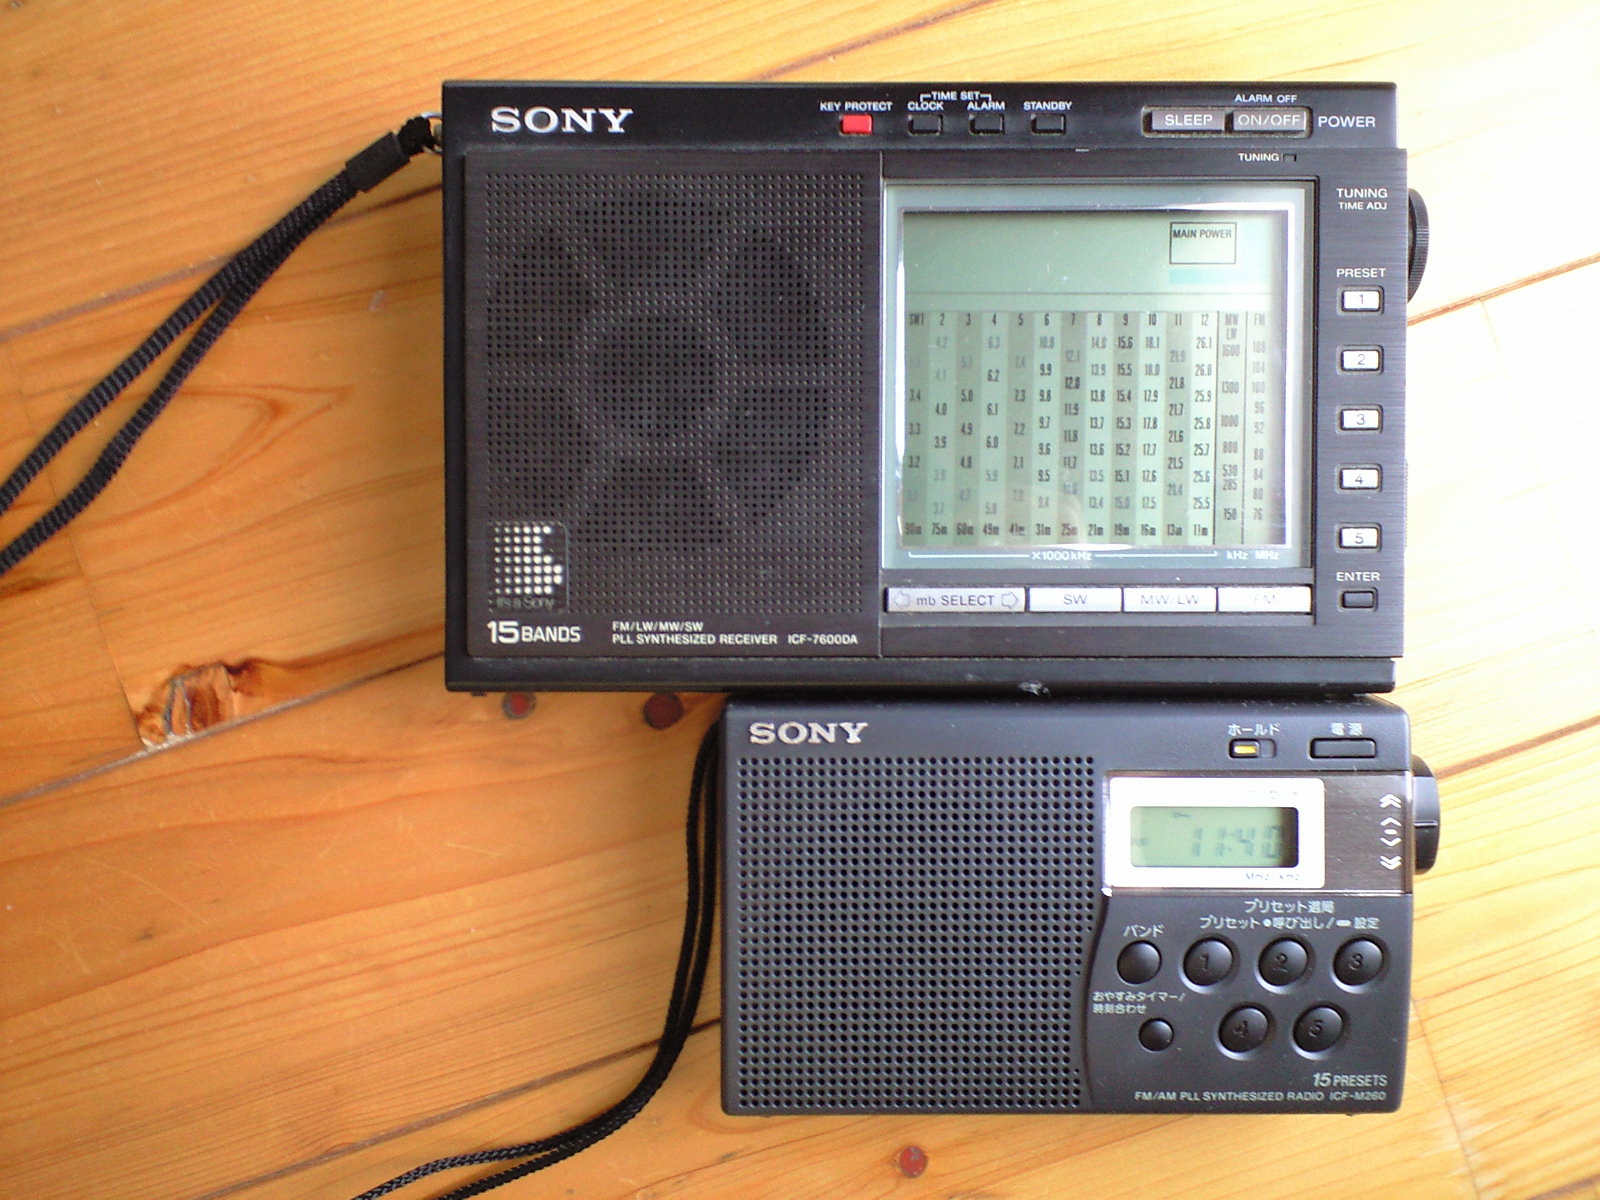 SONYラジオ ICF-7600DAとICF-M260